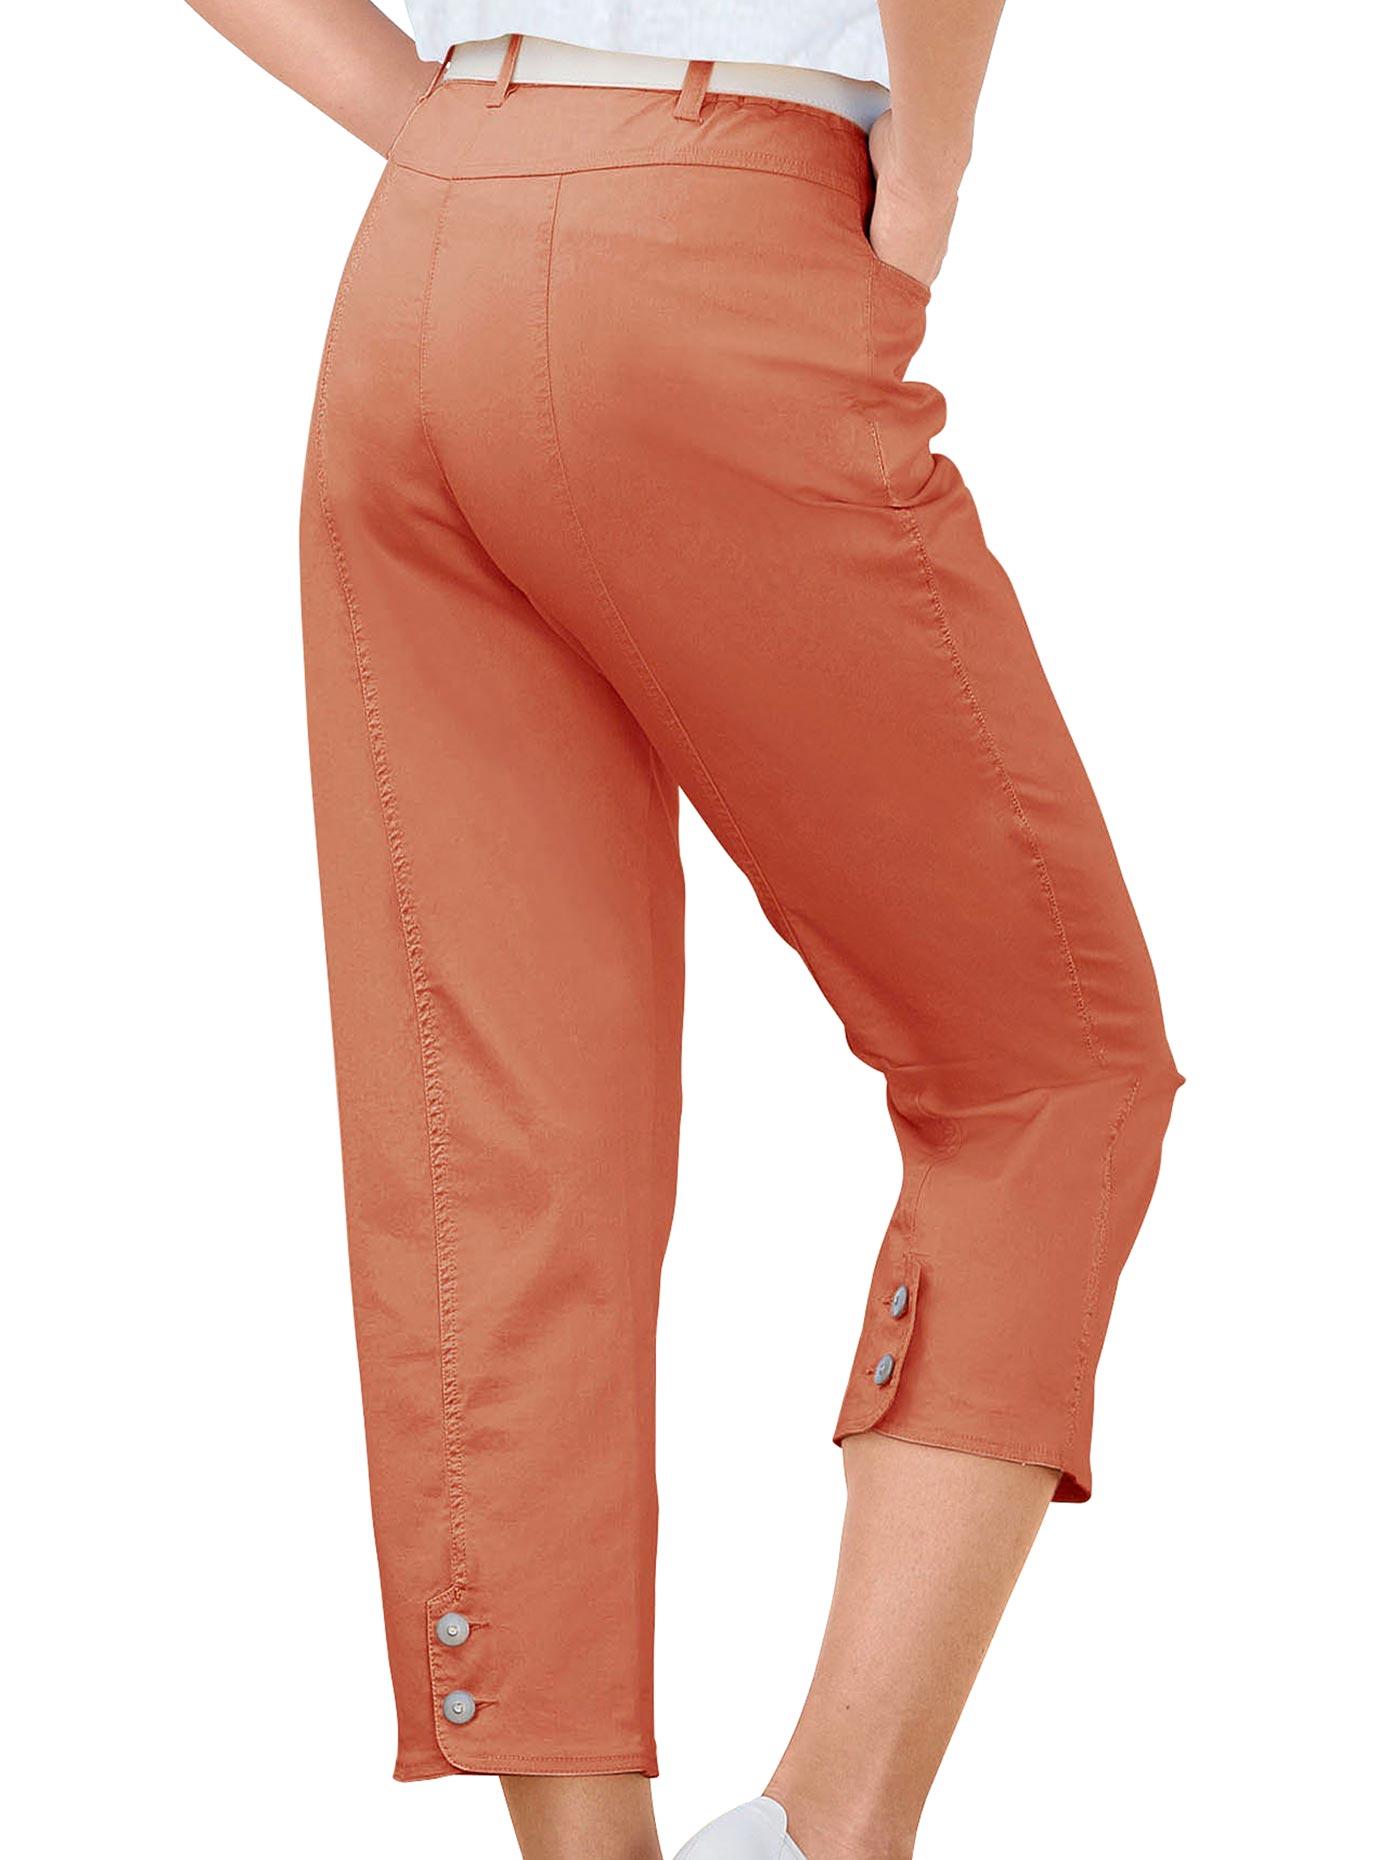 Casual Looks 7/8 Hose mit Schmuckknöpfen   Bekleidung > Hosen > 7/8-Hosen   Orange   Casual Looks